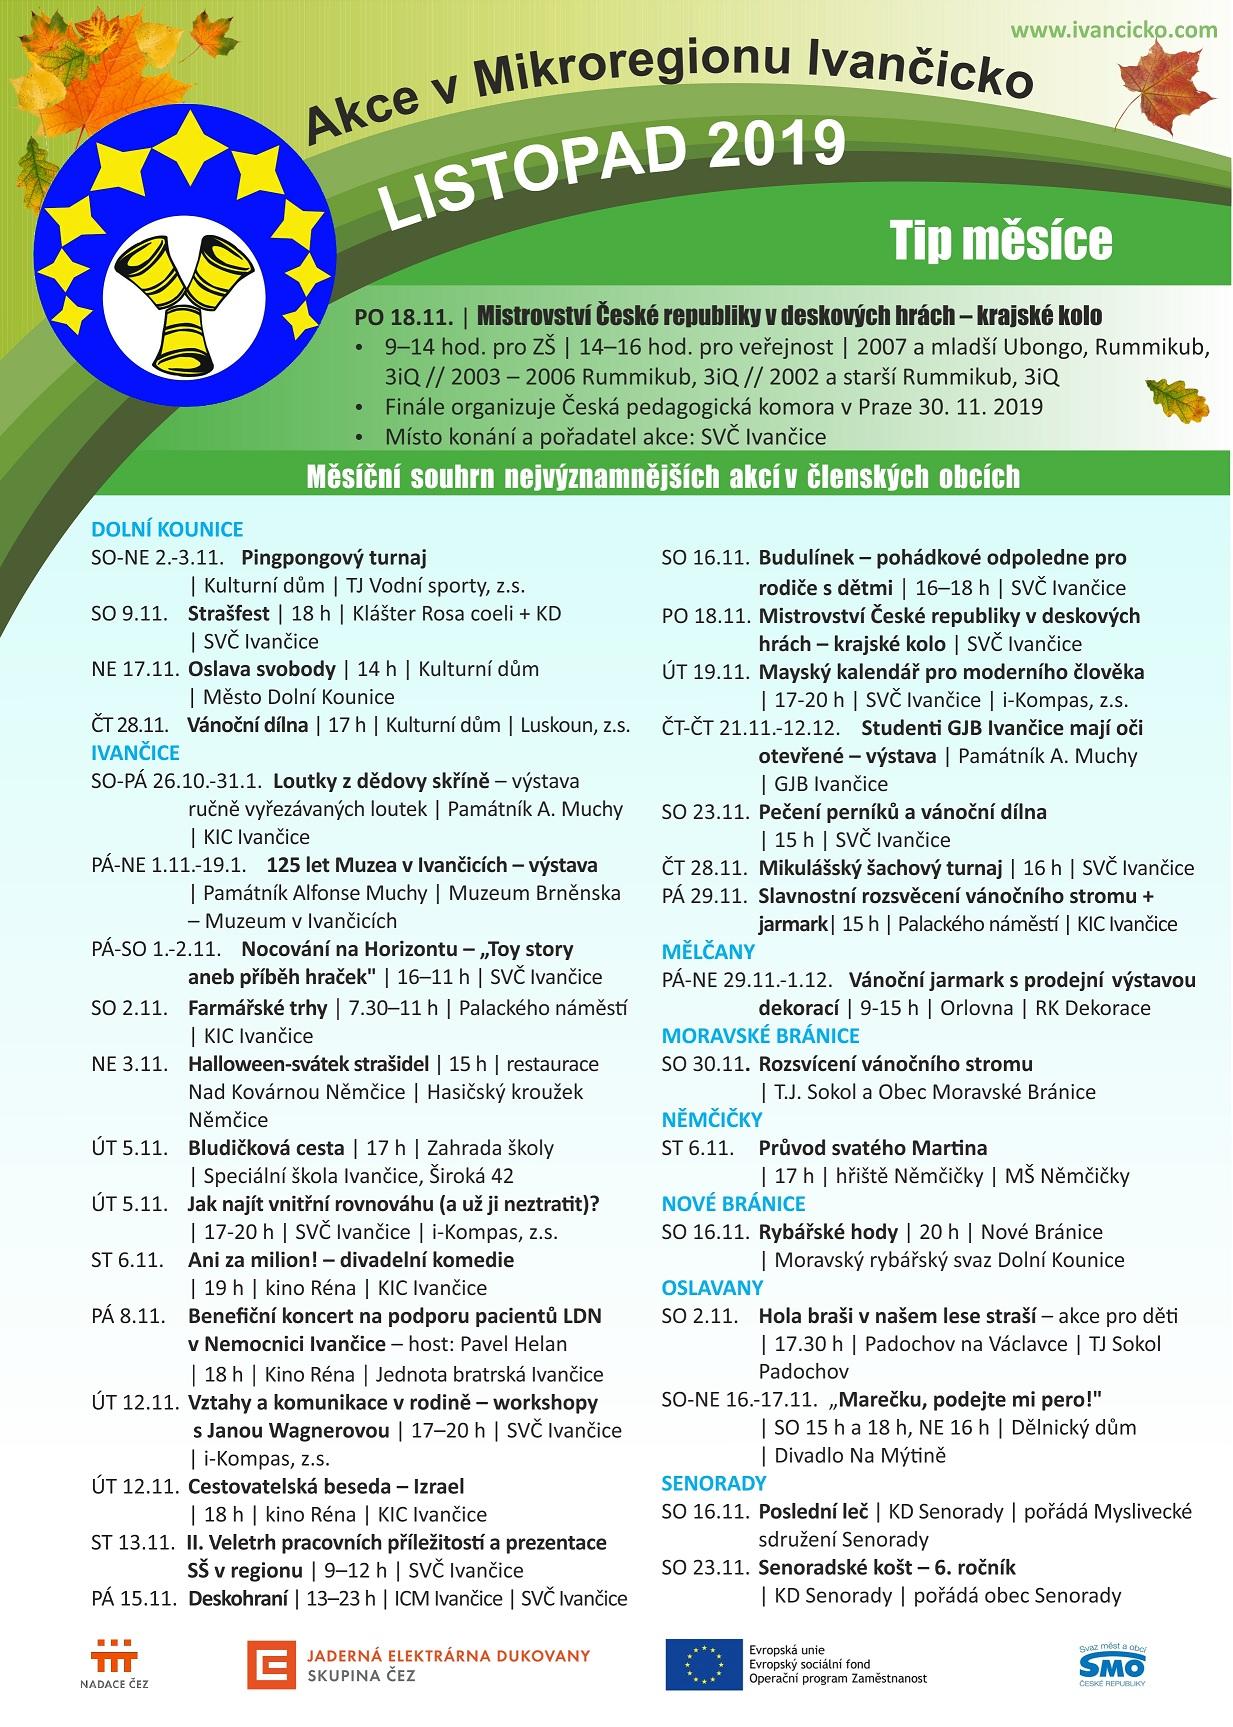 plakát akcí Mikroregion Ivančicko listopad 2019